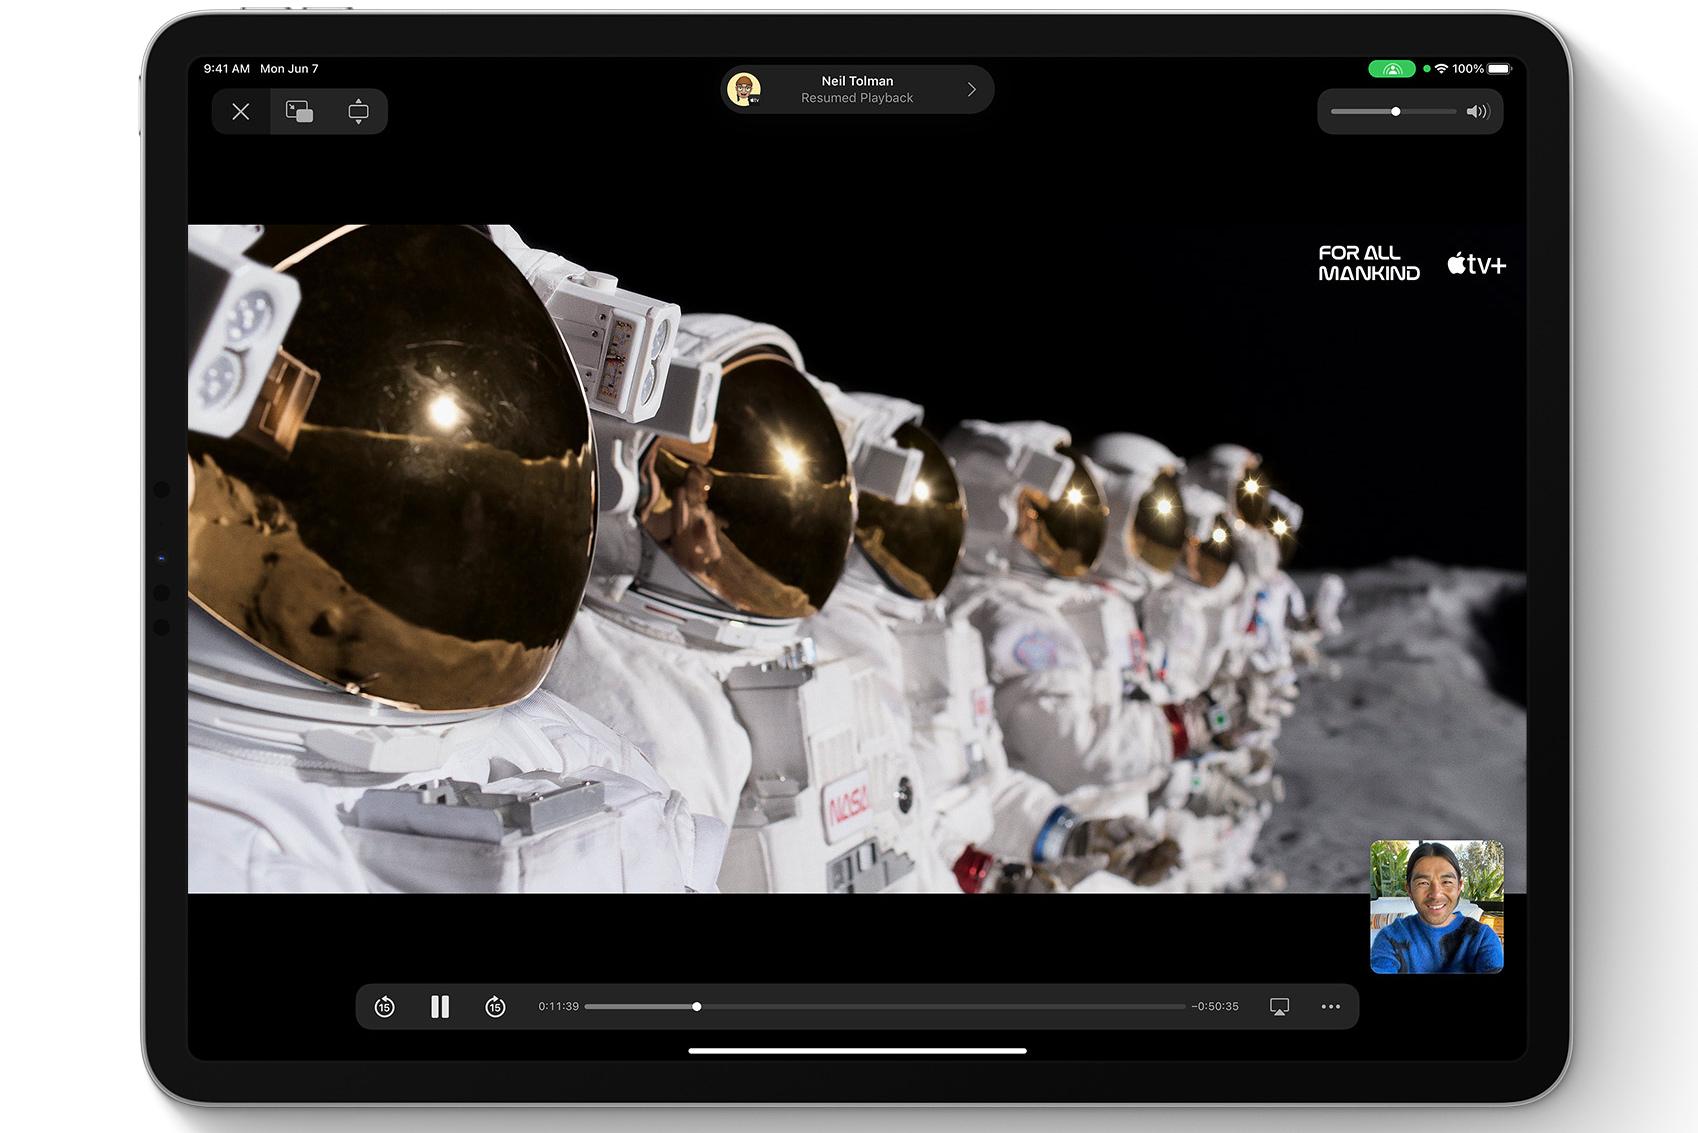 iPadOS 15 shareplay